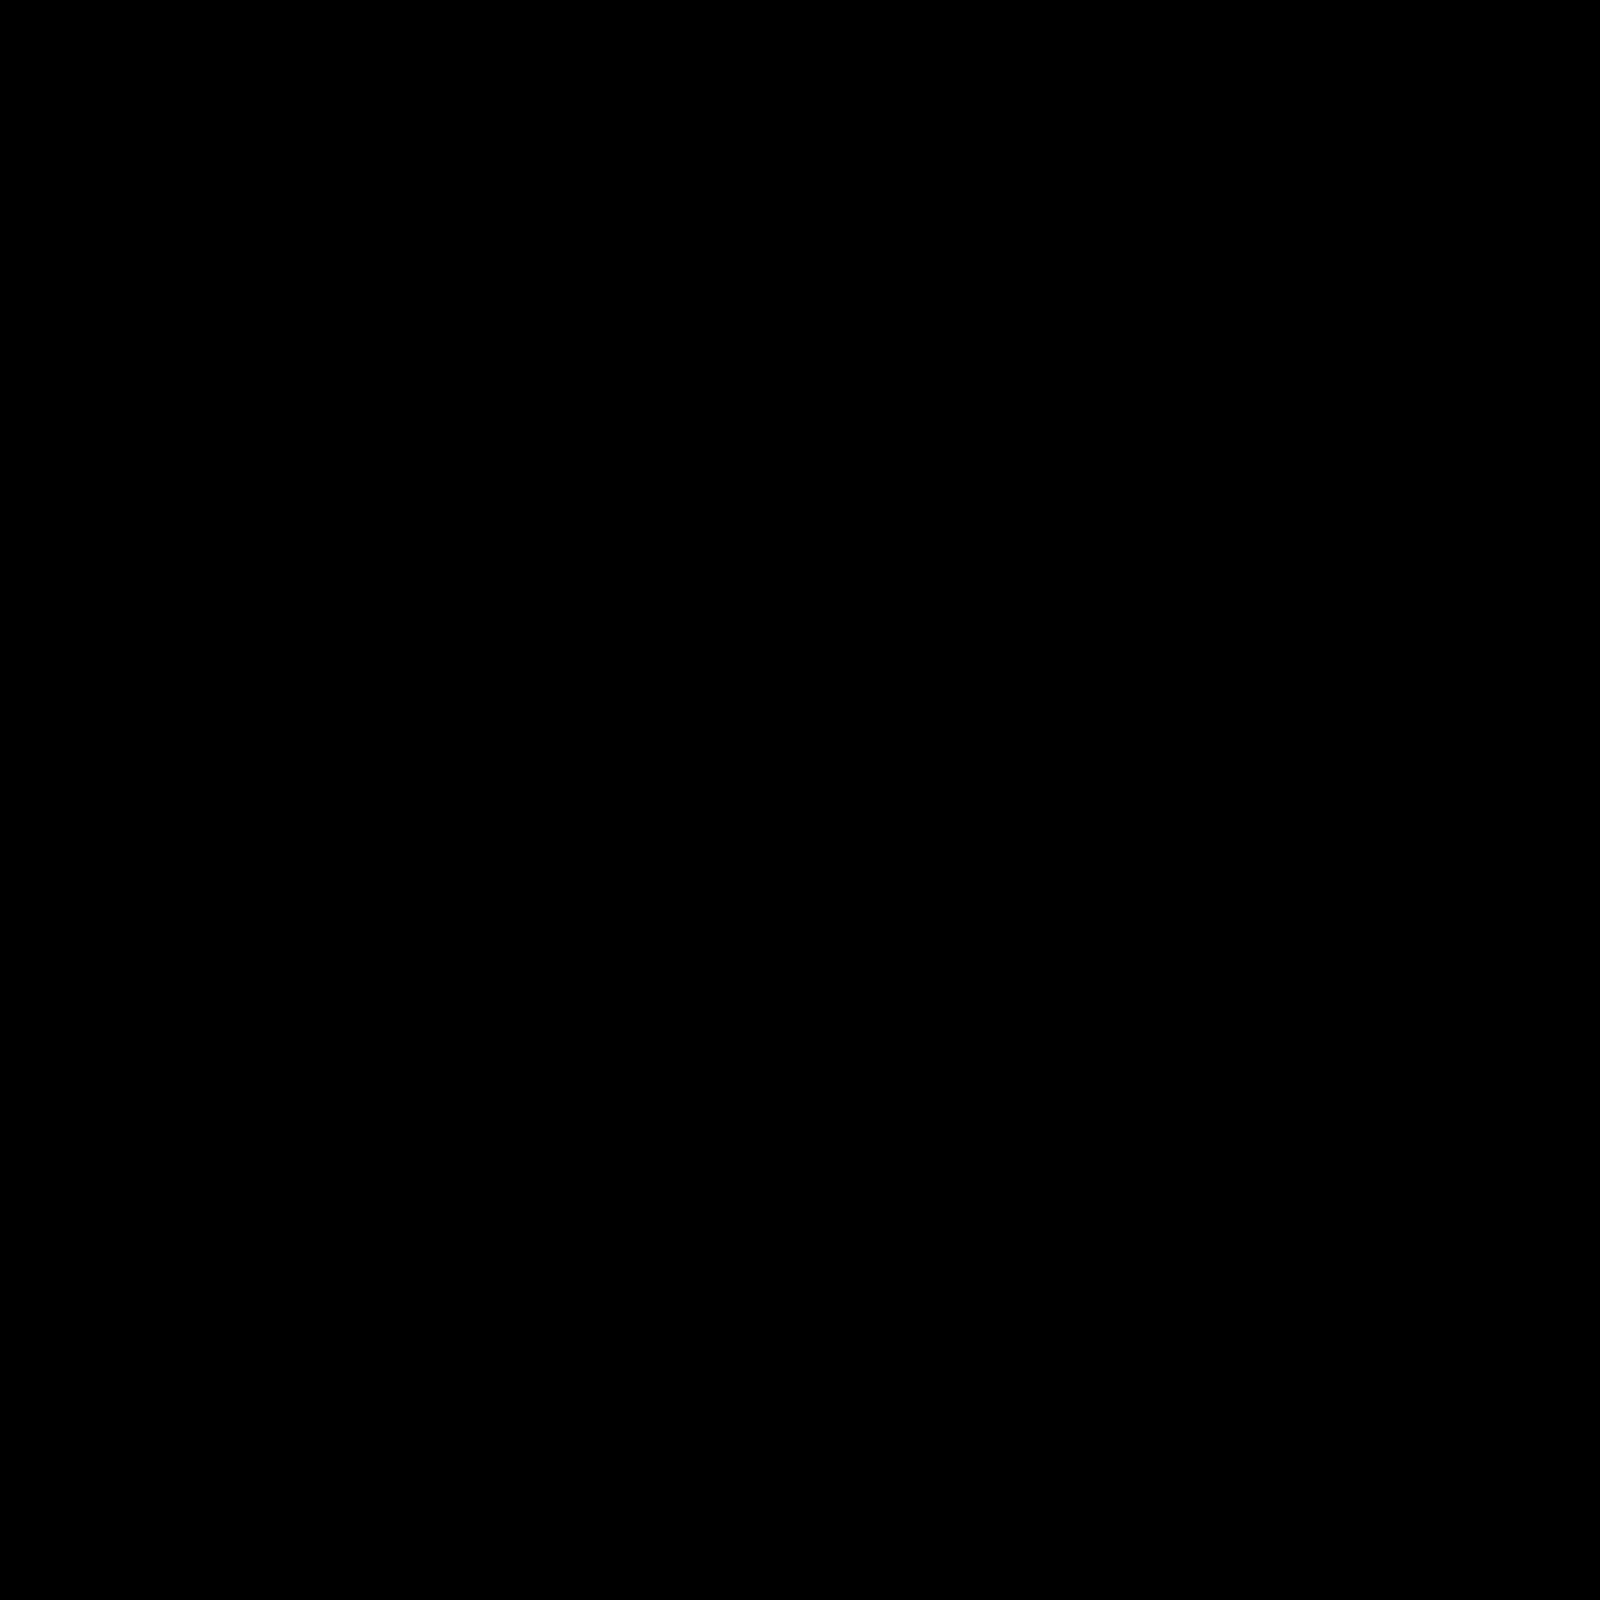 矢印を展開 icon. The Expand Arrow icon looks like the tip of an arrow, without the shaft, pointing down to the bottom of the page. It also looks like an upside-down equilateral triangle, only without its base.